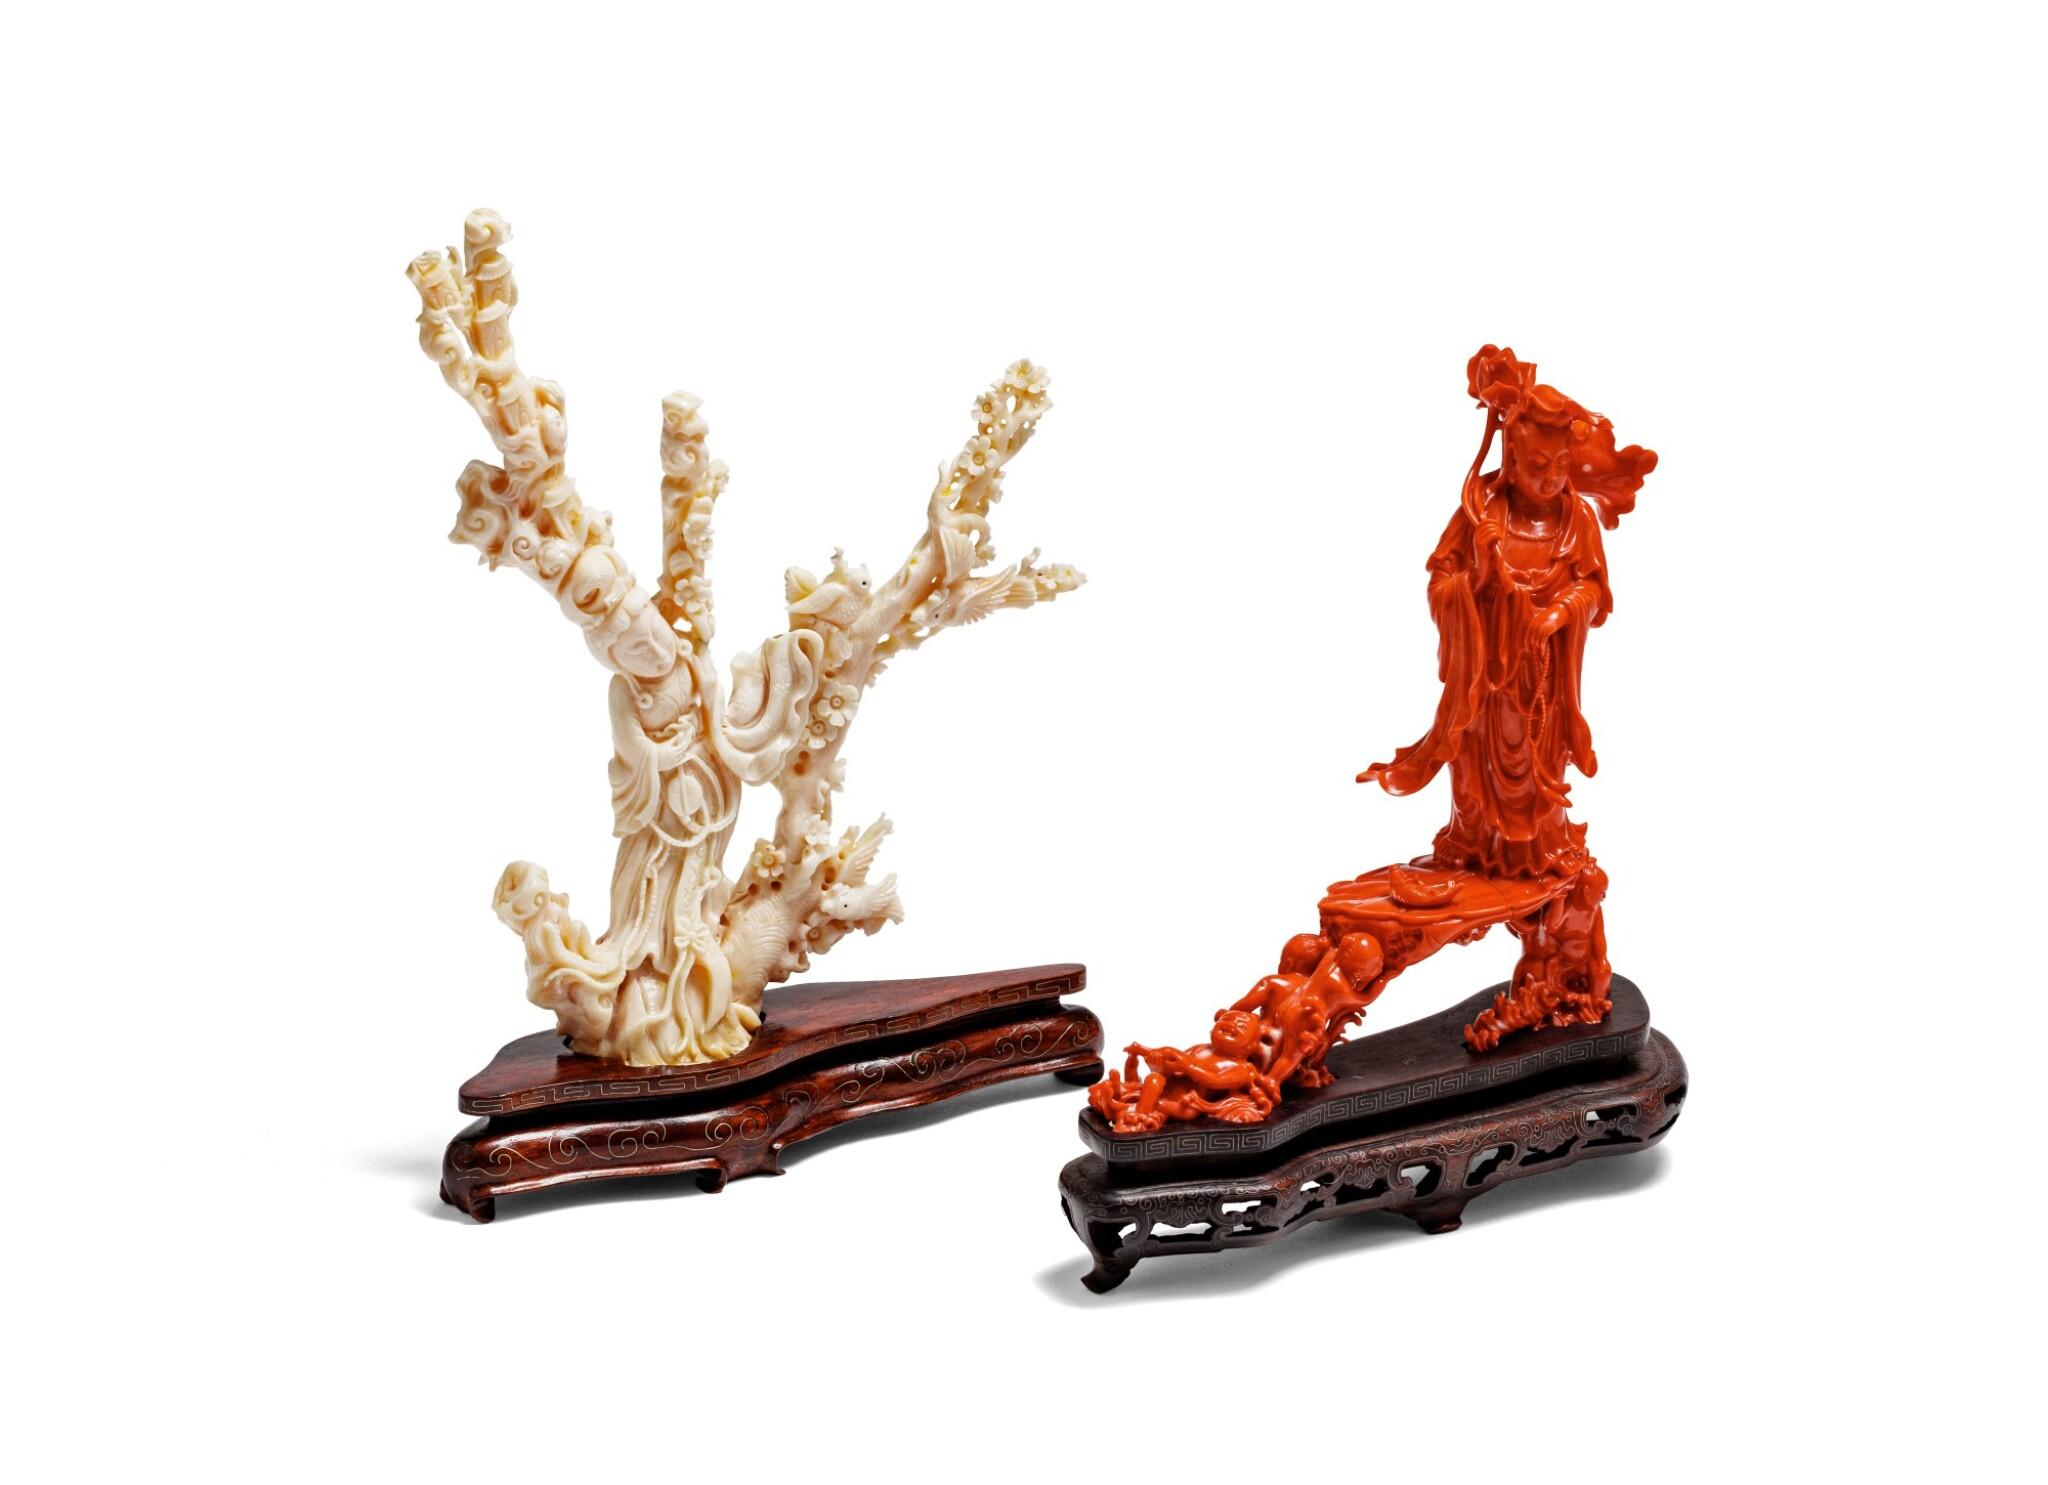 View 1 of Lot 219. Deux groupes en corail sculpté Début du XXE siècle | 二十世紀初 紅珊瑚雕持蓮觀音立像及白珊瑚雕仕女立像 | Two carved coral figural groups, early 20th century.